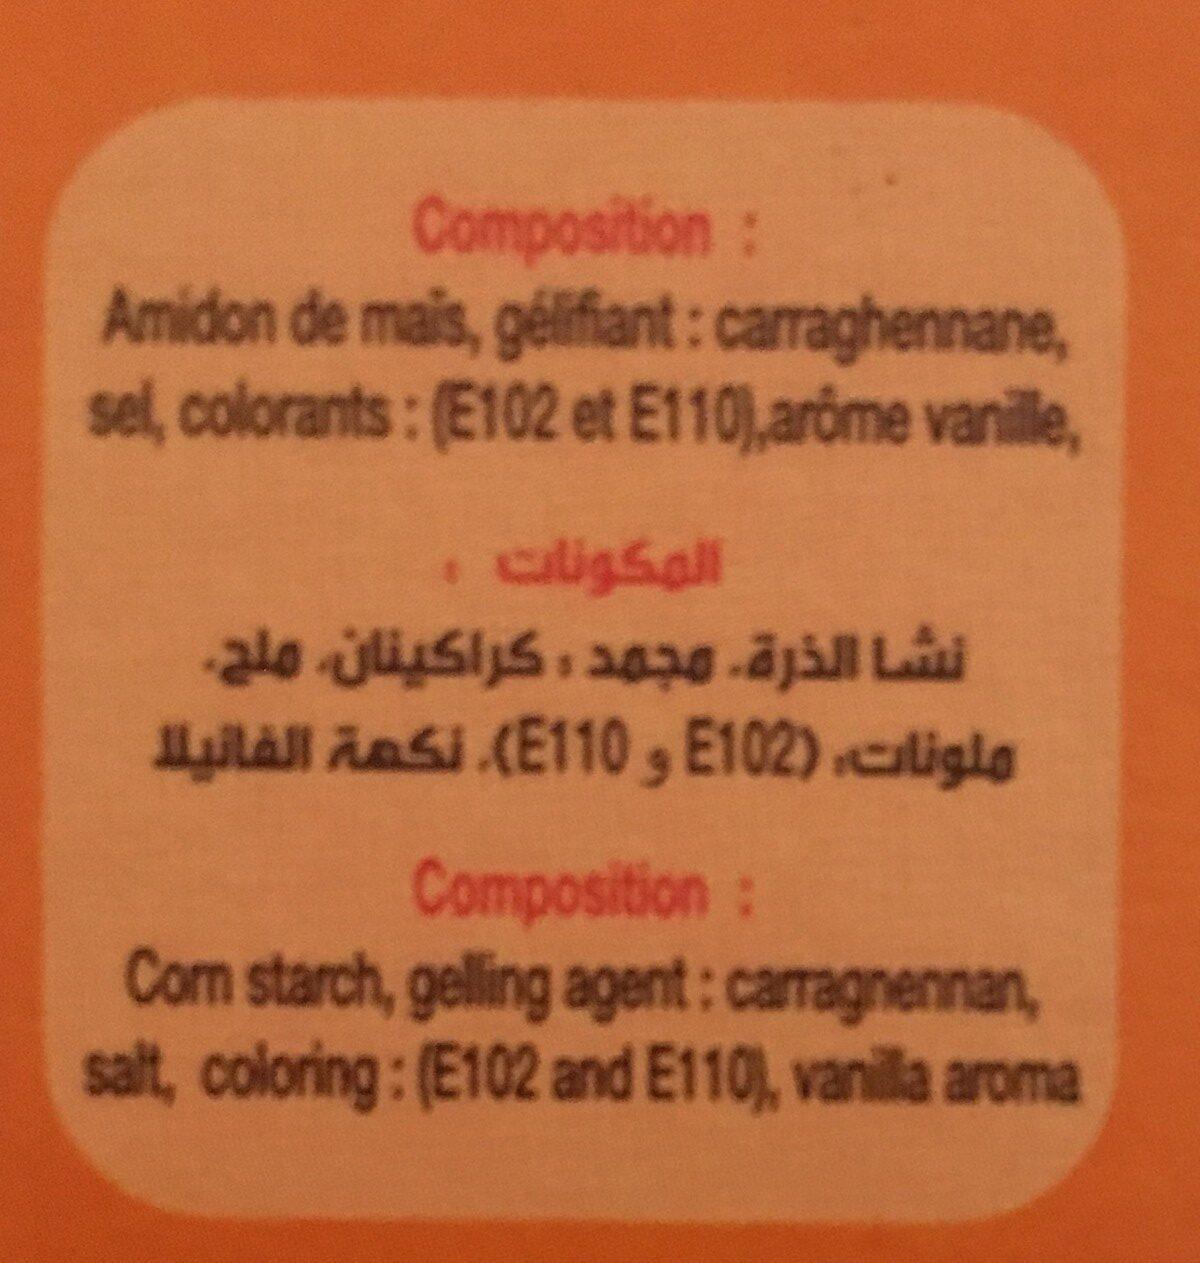 Idéal, Vanille, 200g - Ingrédients